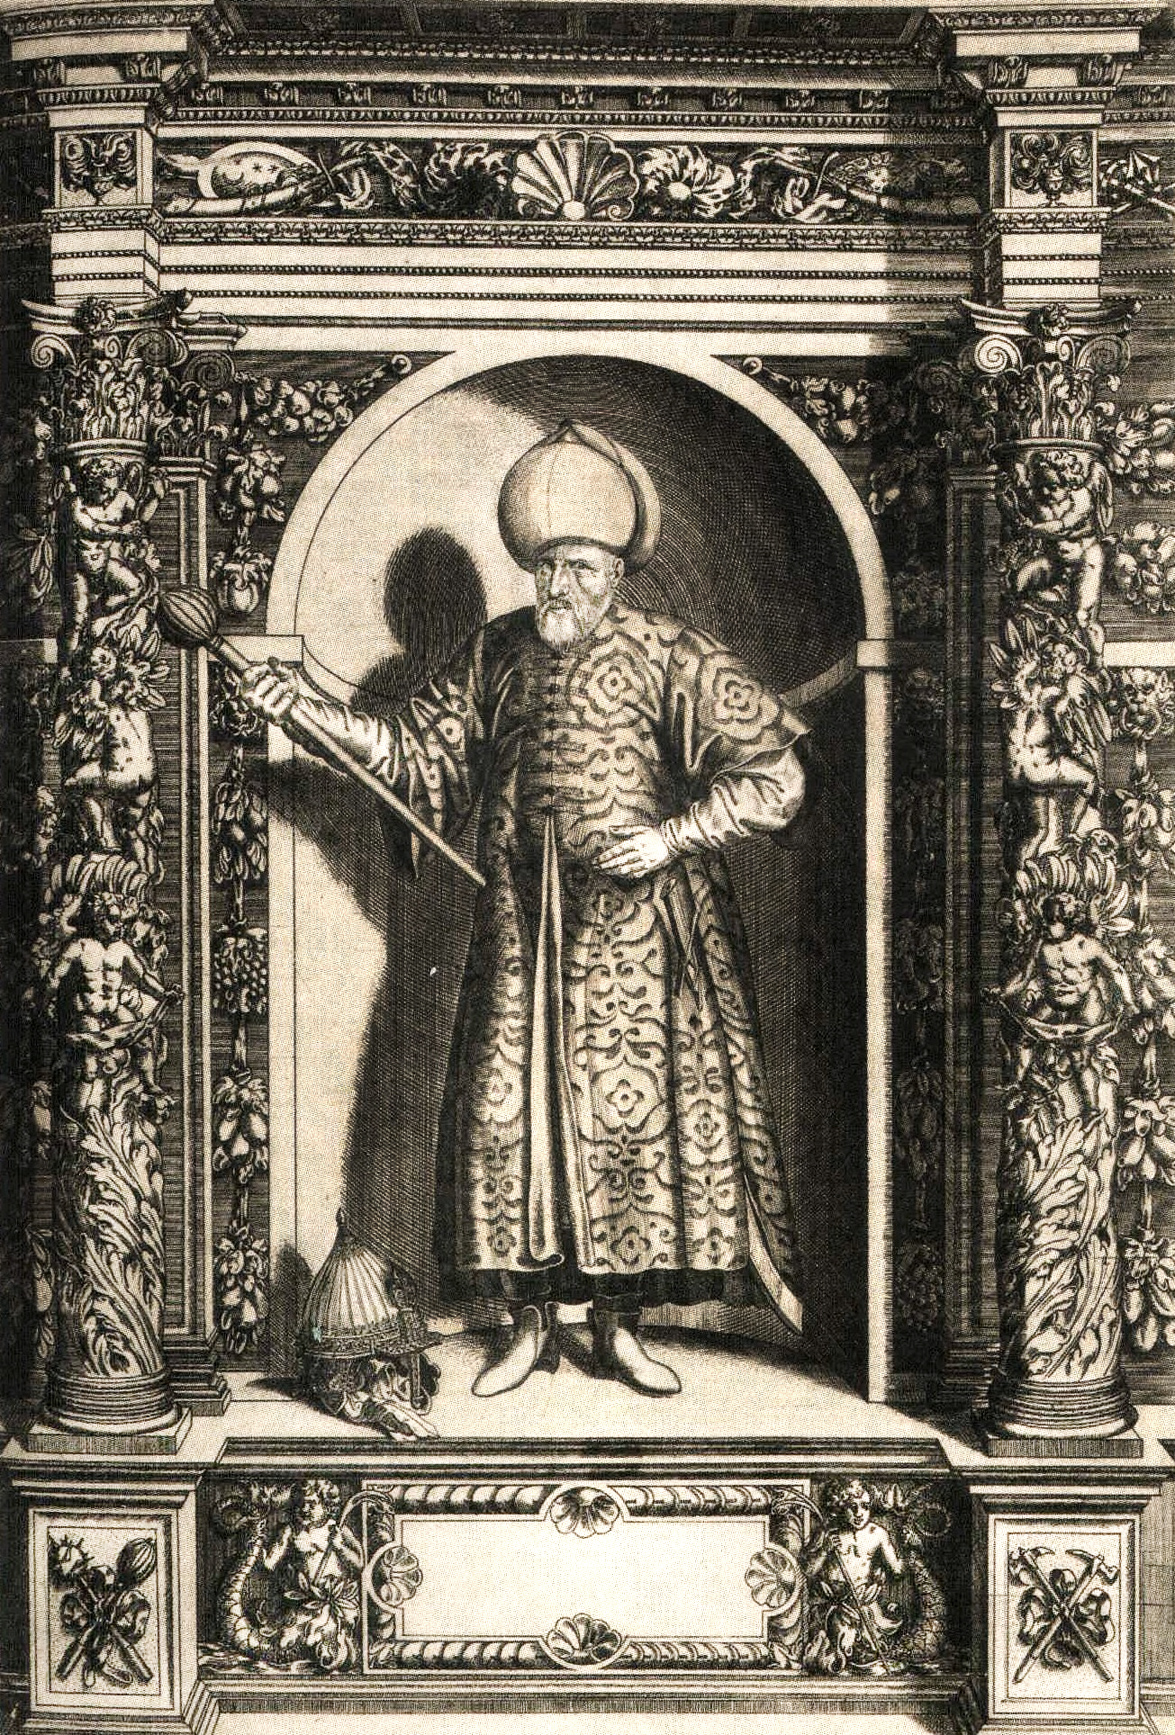 Mehmed Paša Sokolović, ilustracija iz 1601. Augustissimorum imperatorium ...., Innsbruck 1601